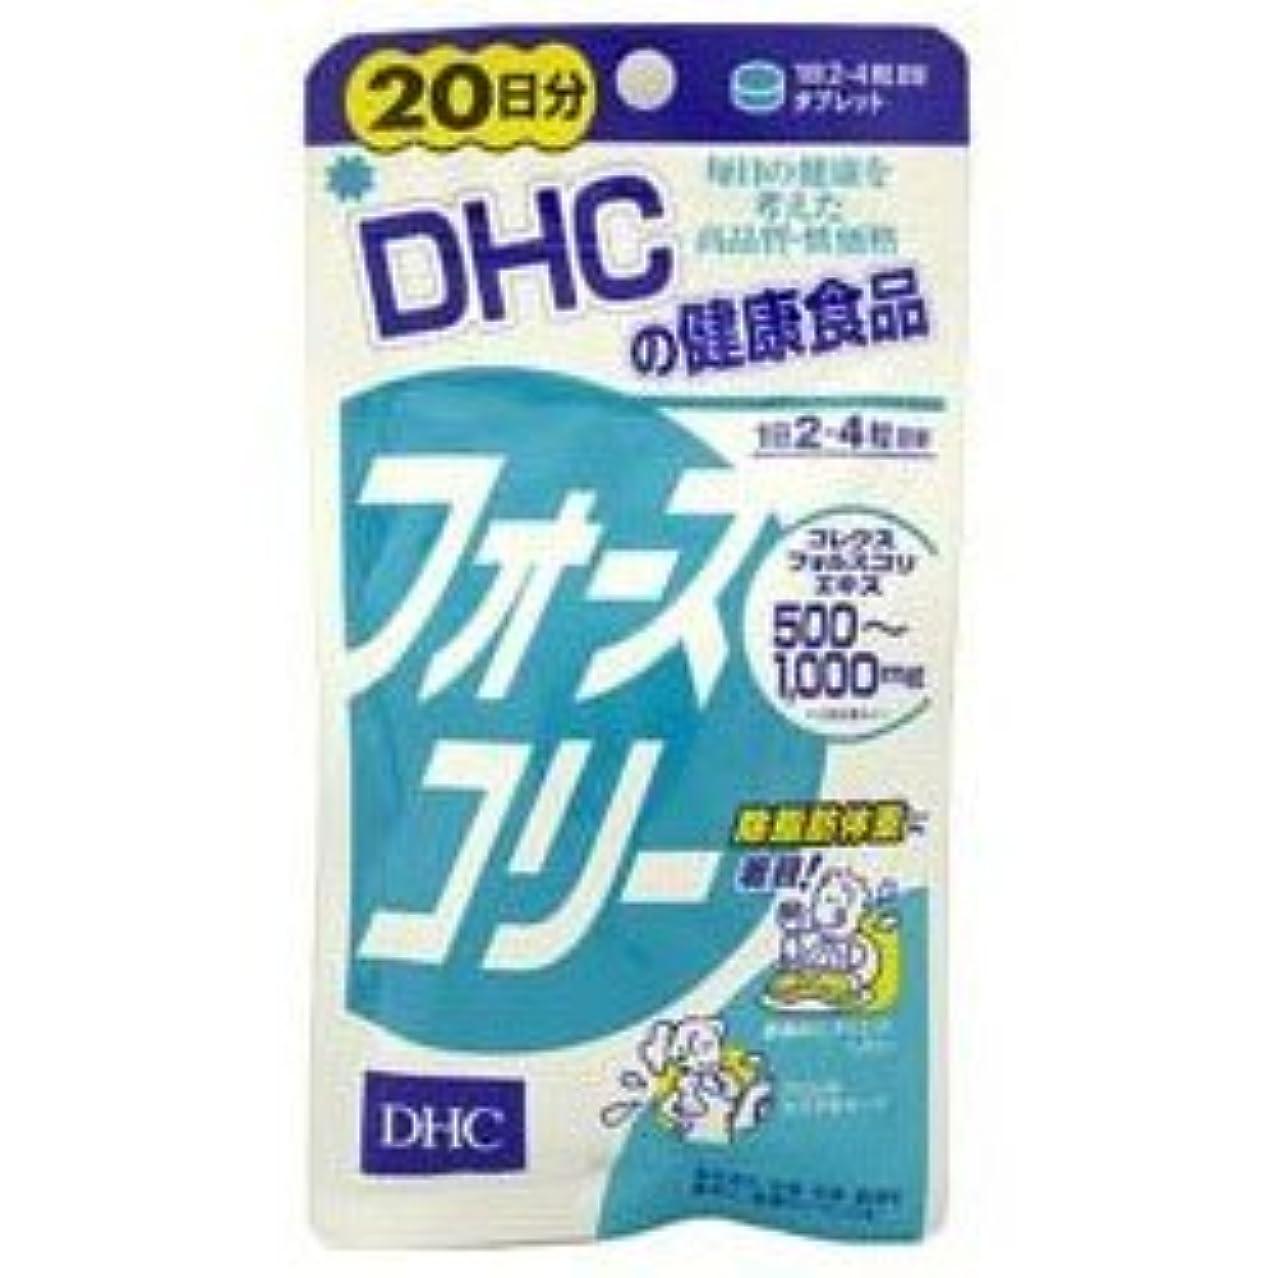 有益クライマックス入射【DHC】フォースコリー 20日分 (32.4g) ×20個セット